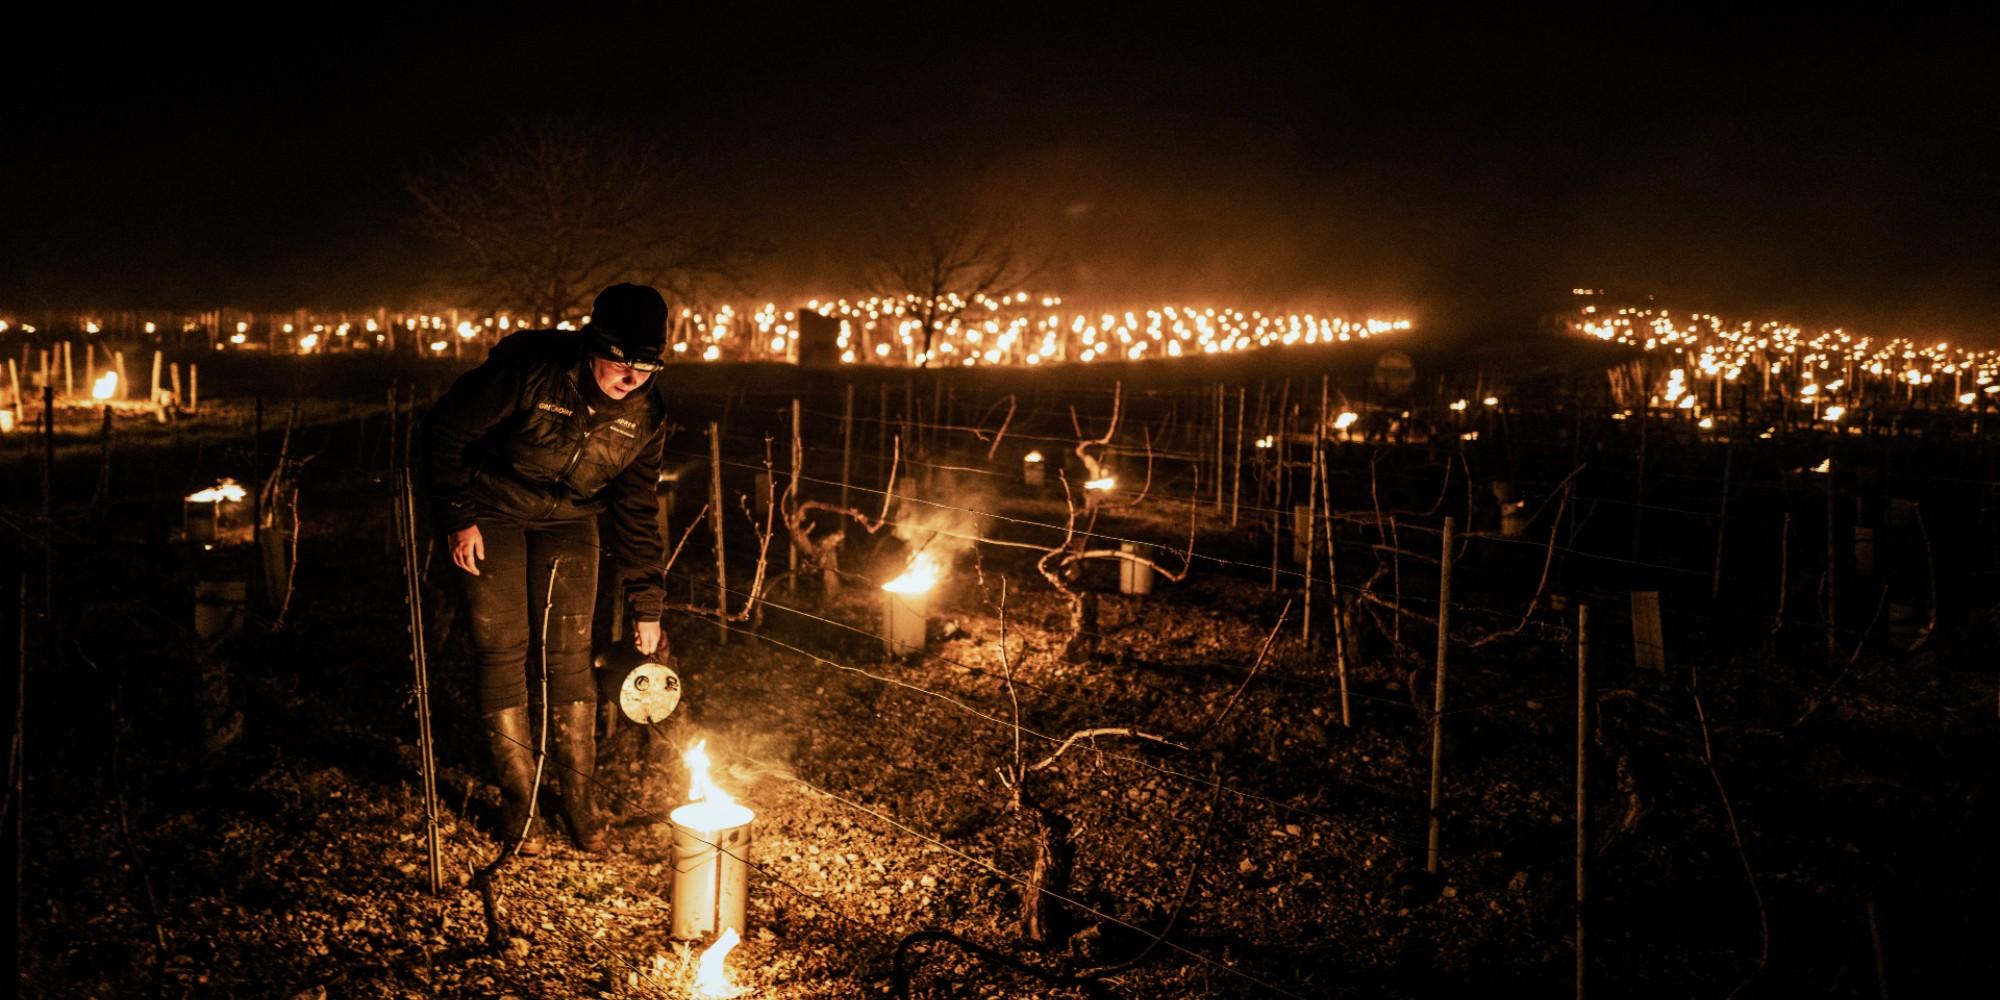 罗纳河谷(RhôneValley):与葡萄树上的霜冻作斗争导致了污染的面纱